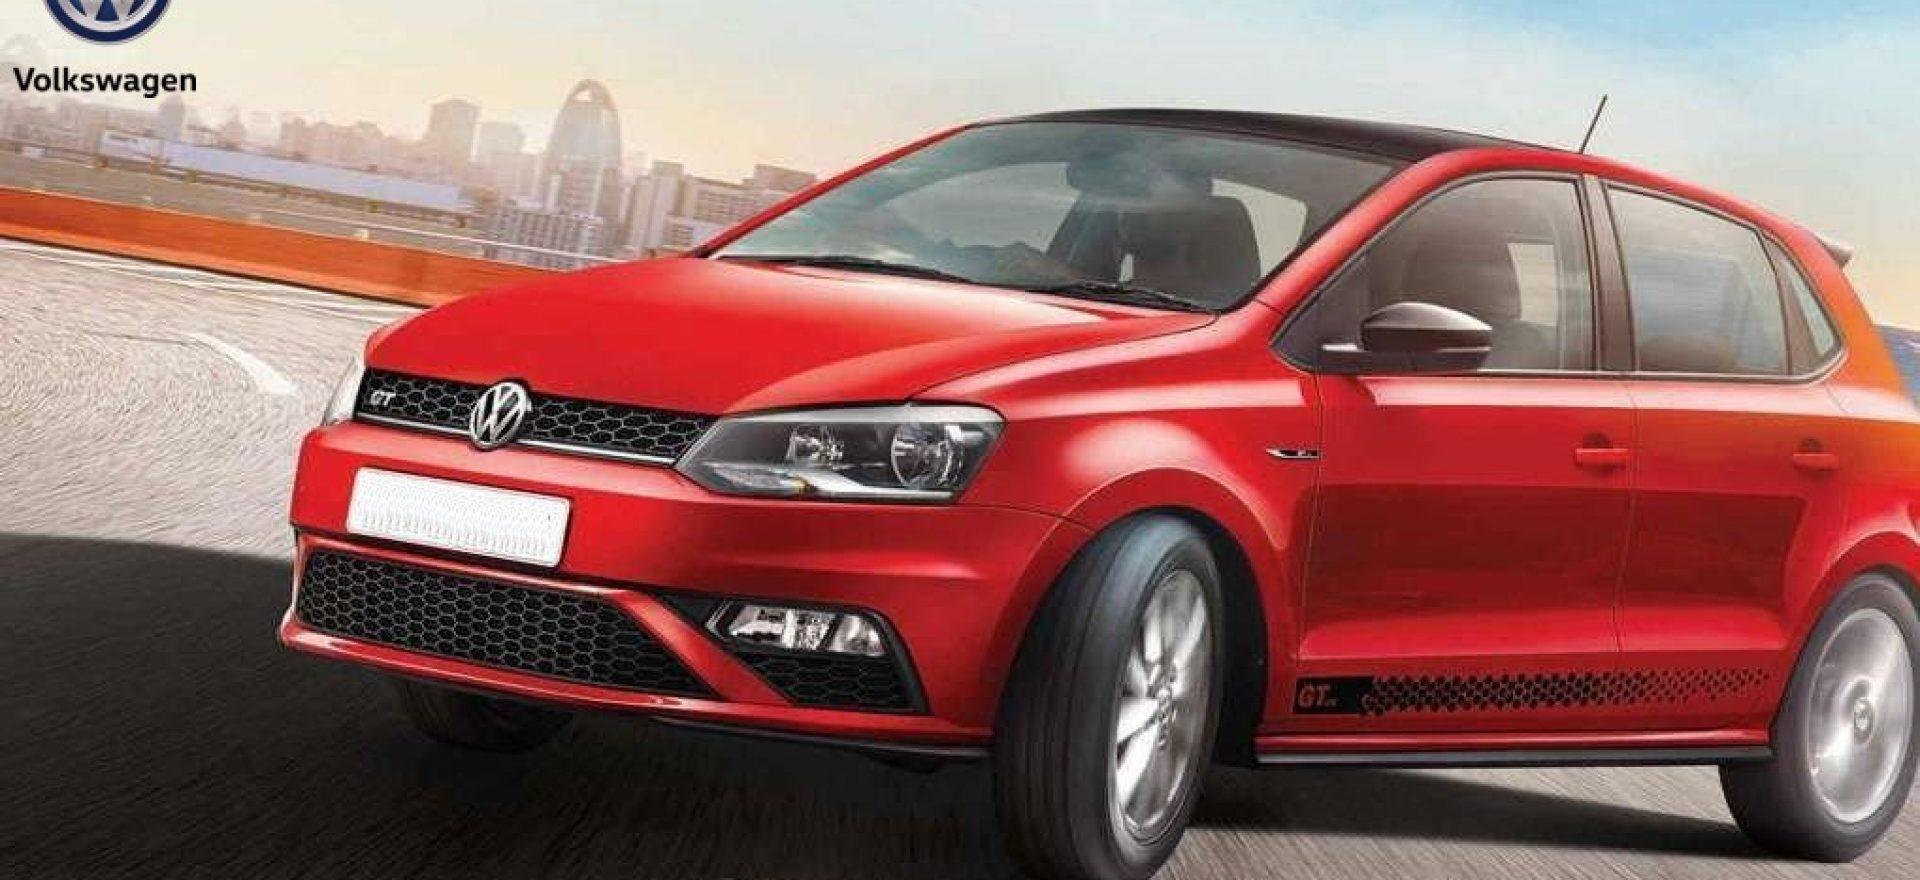 Volkswagen-Polo-2020